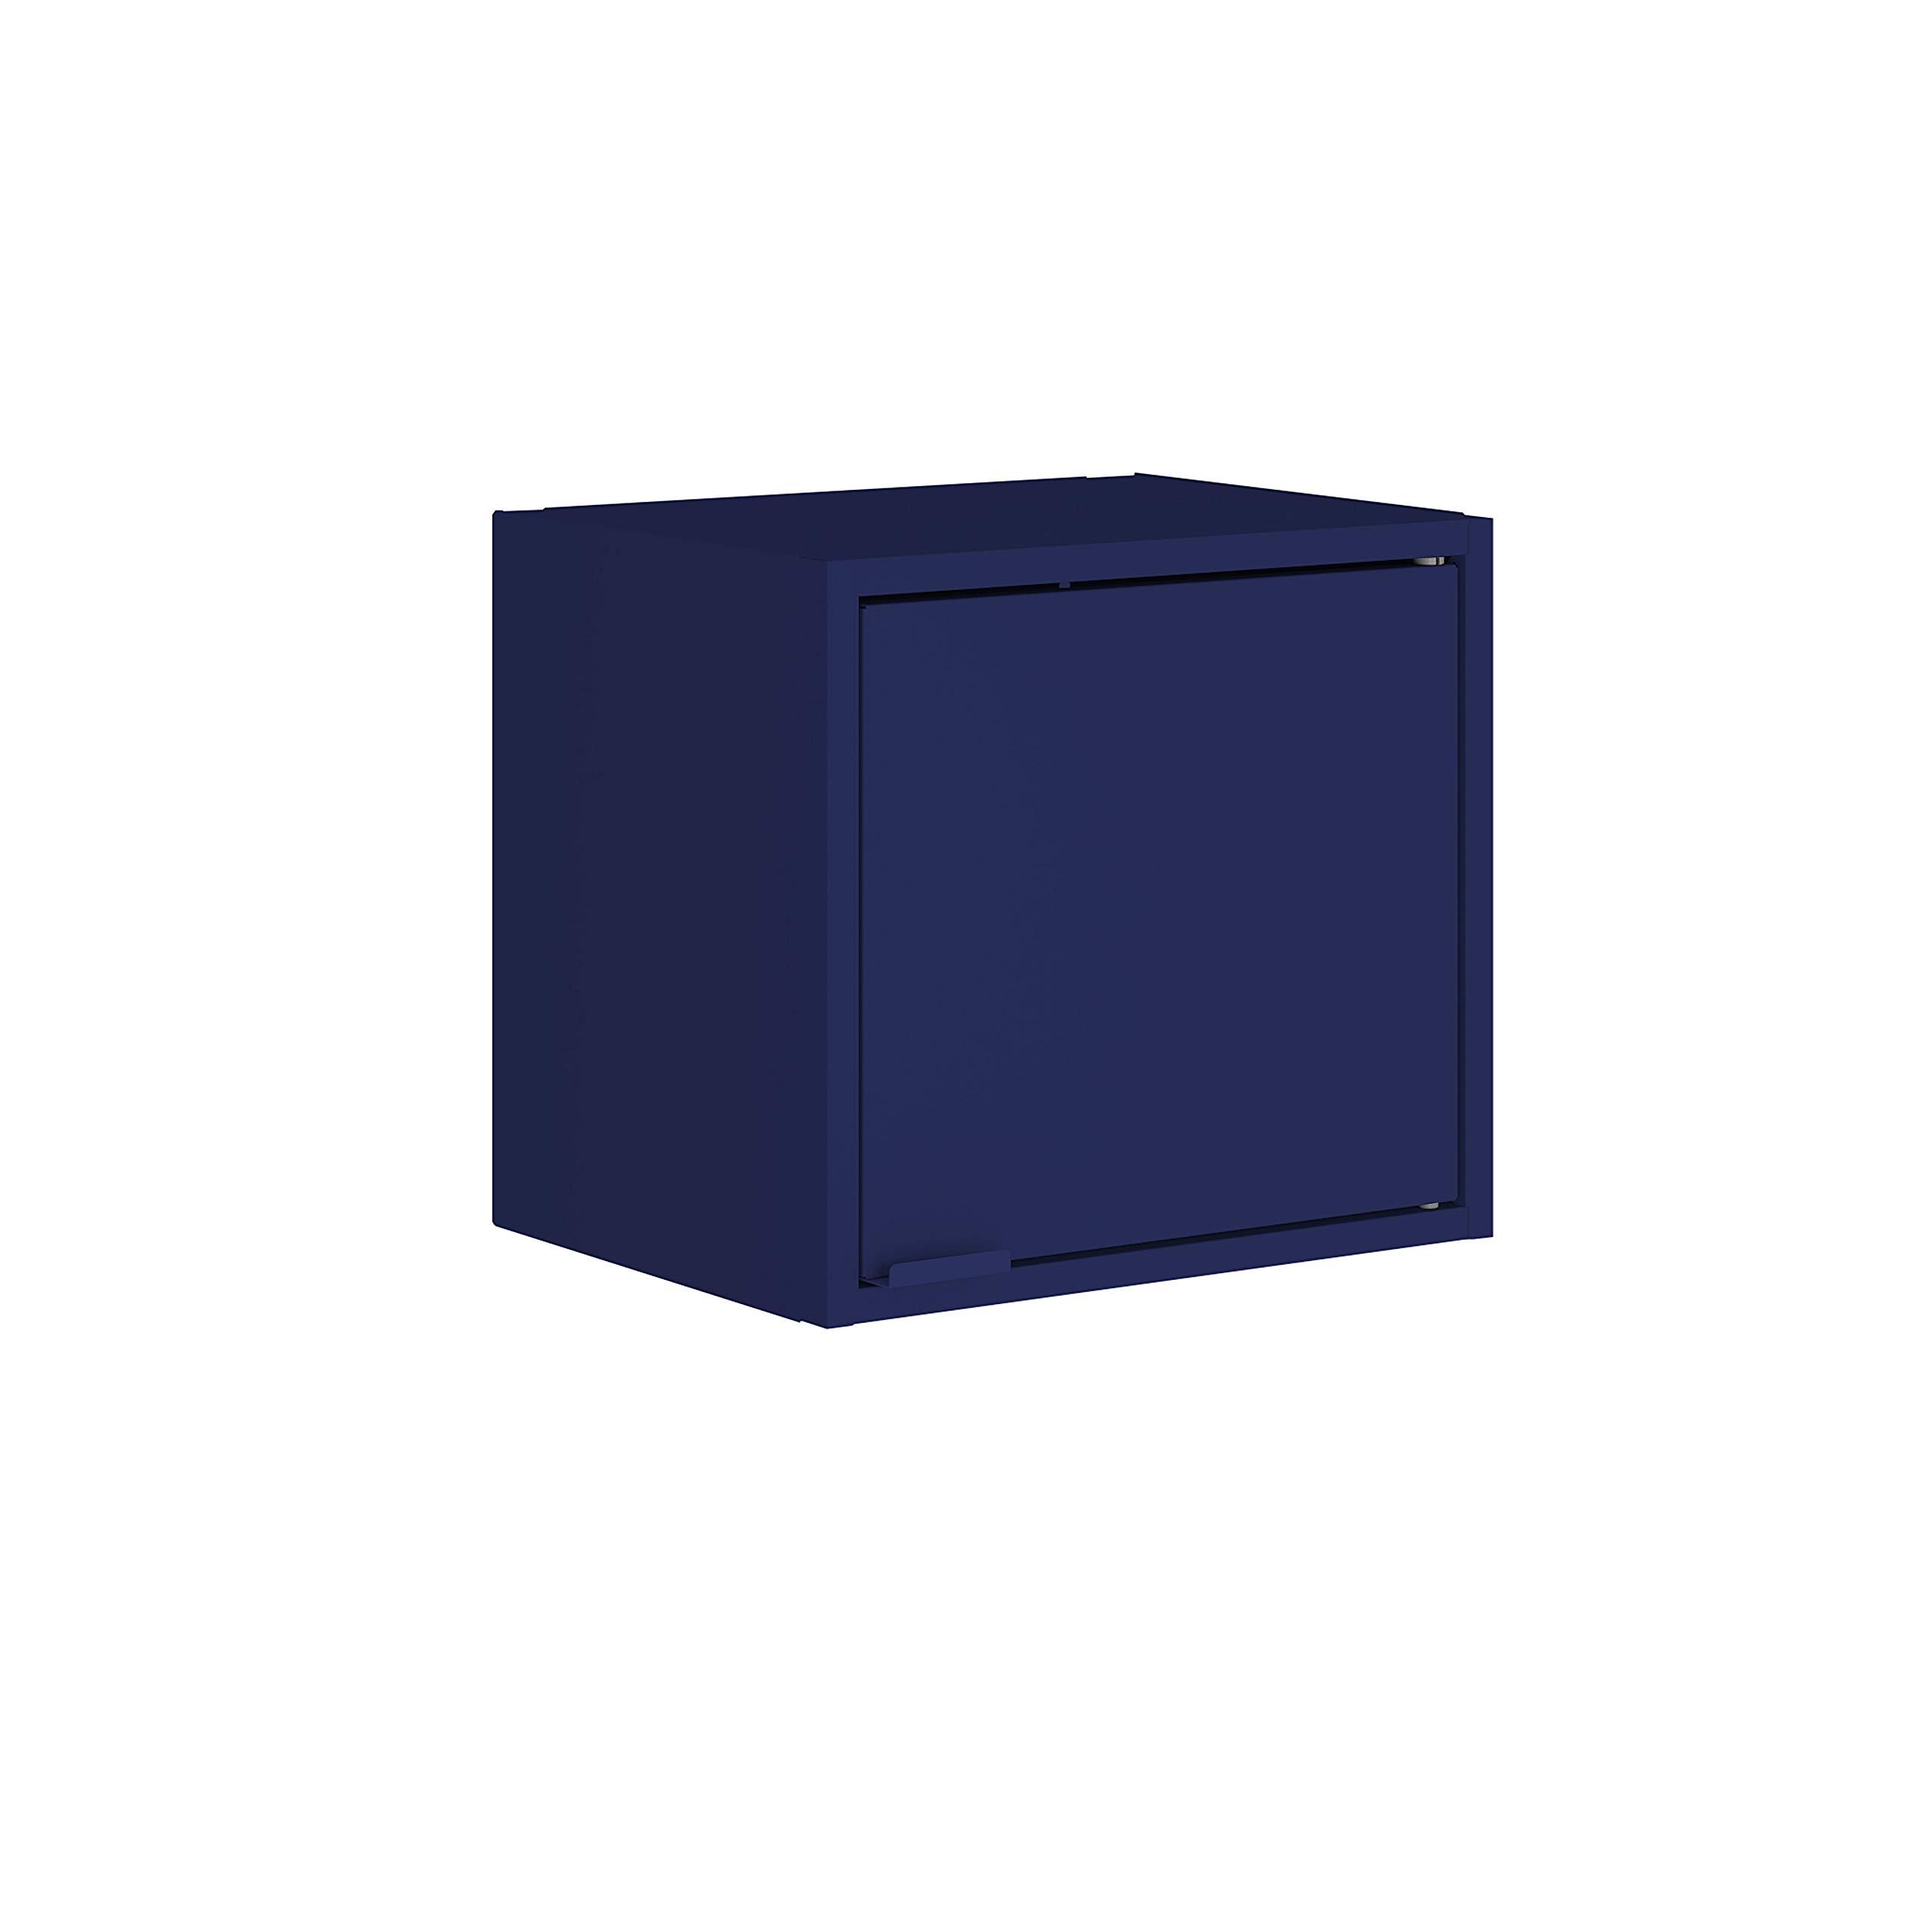 Manhattan Comfort Smart Modern Kitchen Floating Cube Cabinet Organizer, Blue